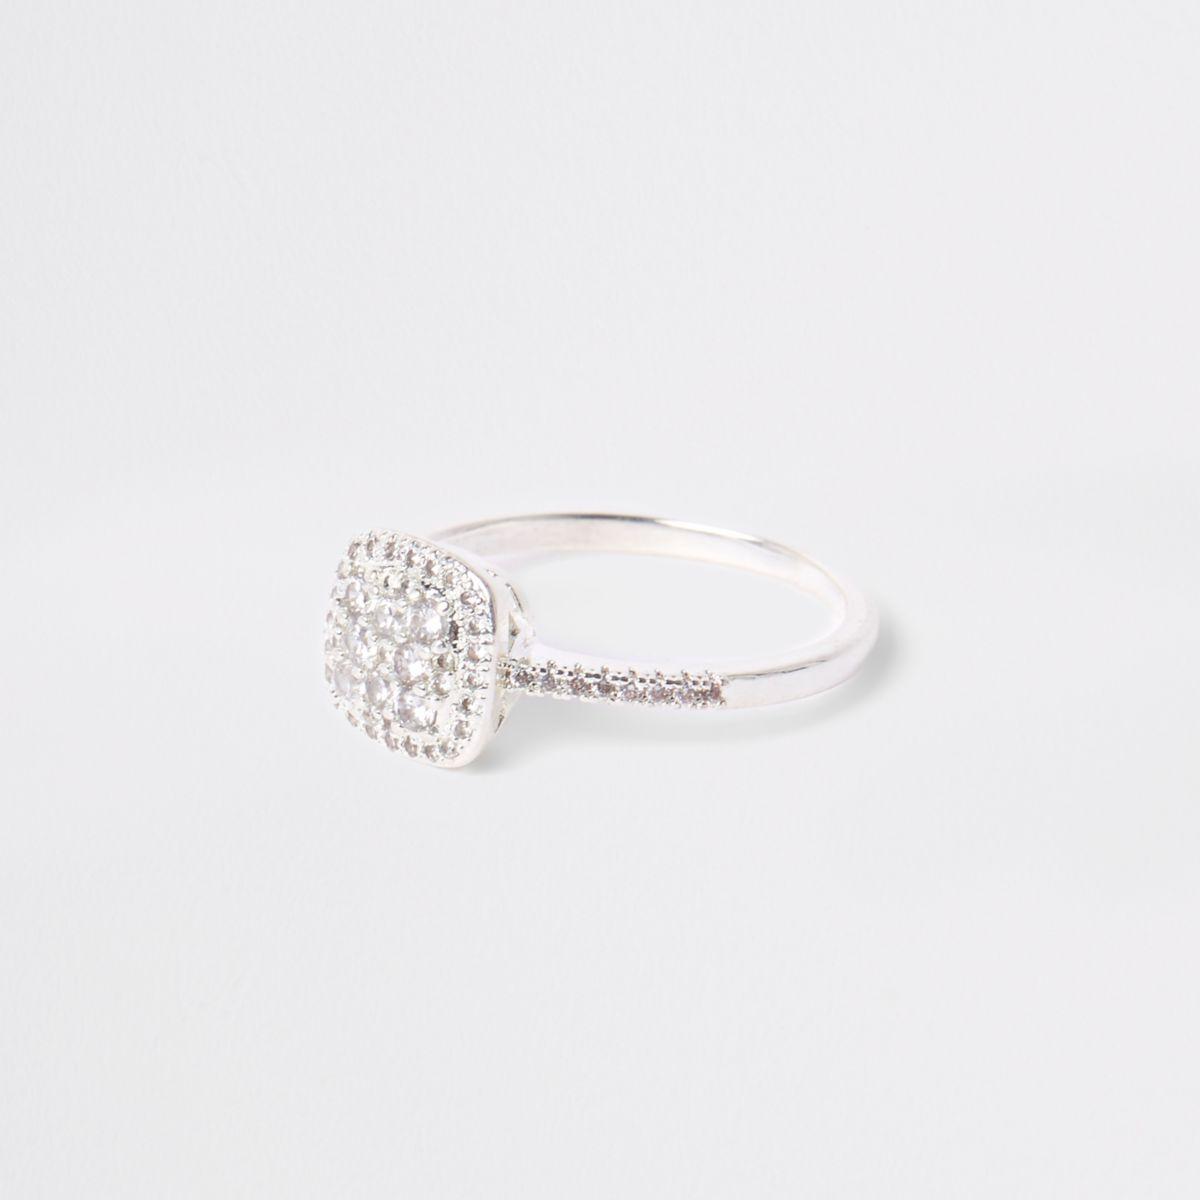 Silver tone square diamante pave ring